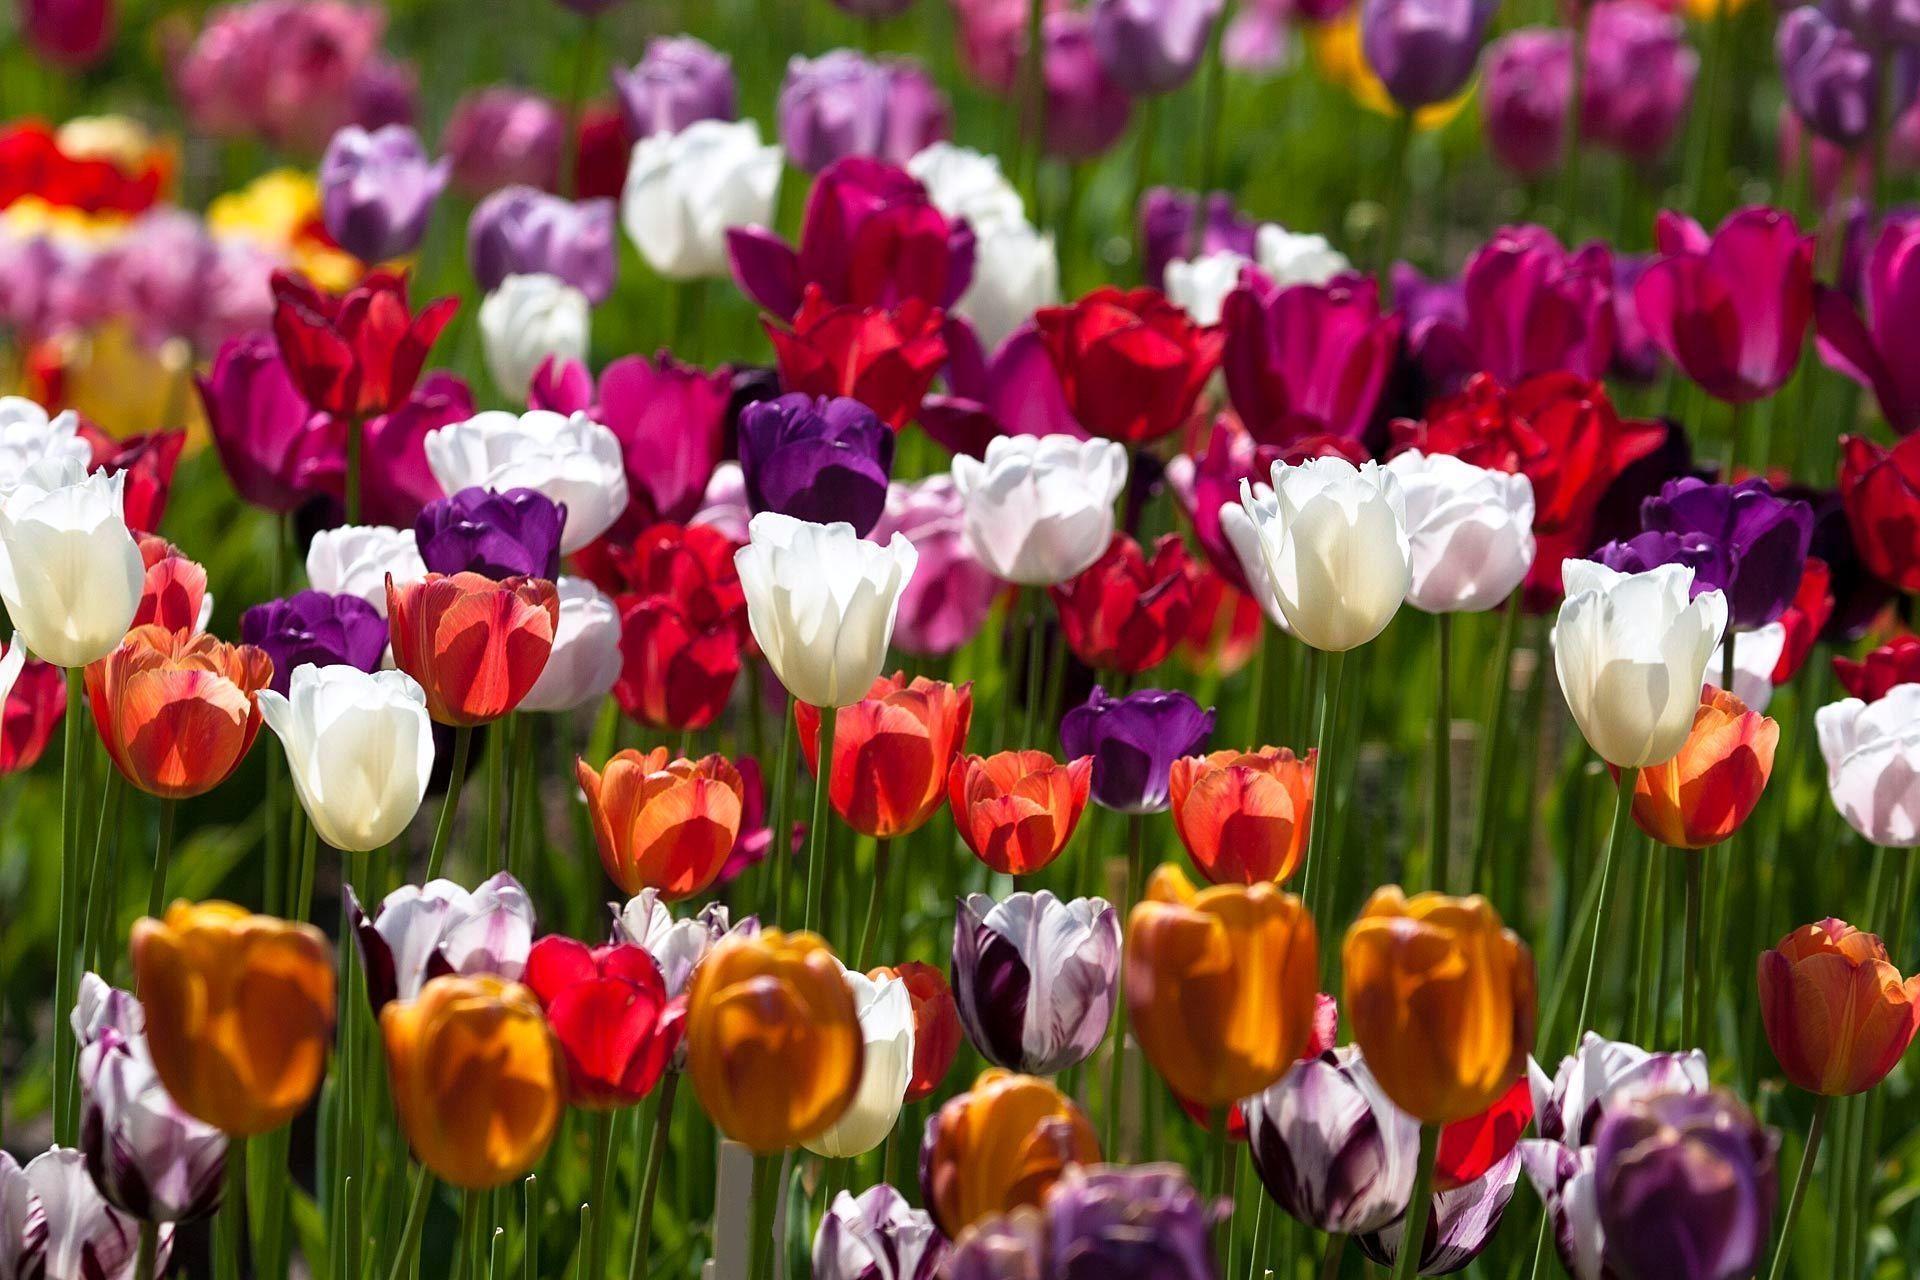 148395 скачать обои Тюльпаны, Цветы, Разные, Солнечно, Пестрые - заставки и картинки бесплатно